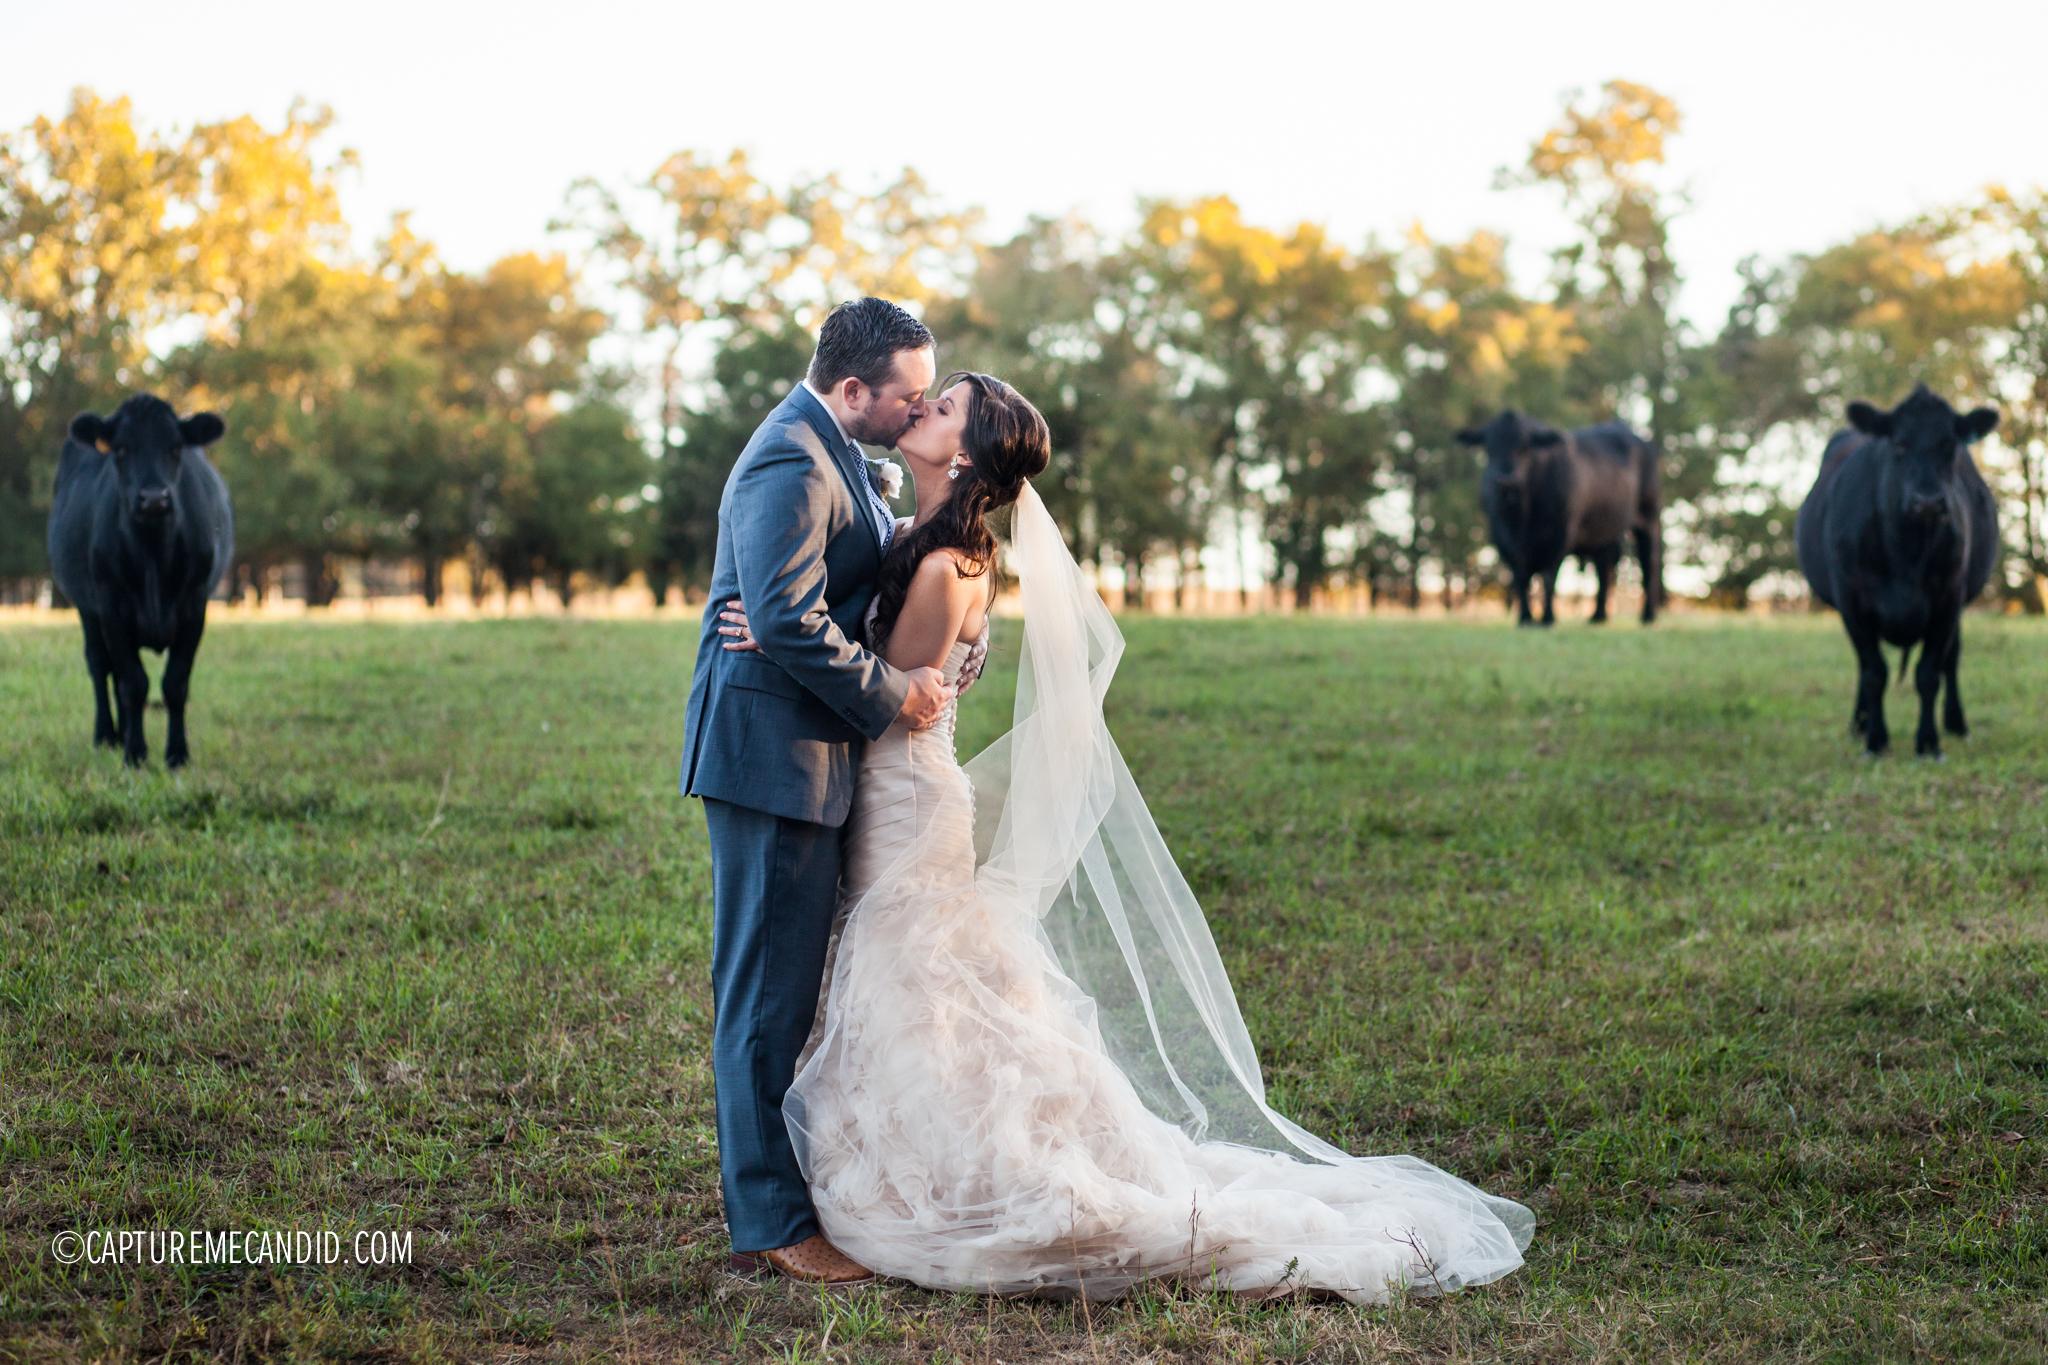 Morning Glory Farms, Monroe, NC Photography: CaptureMeCandid Photography